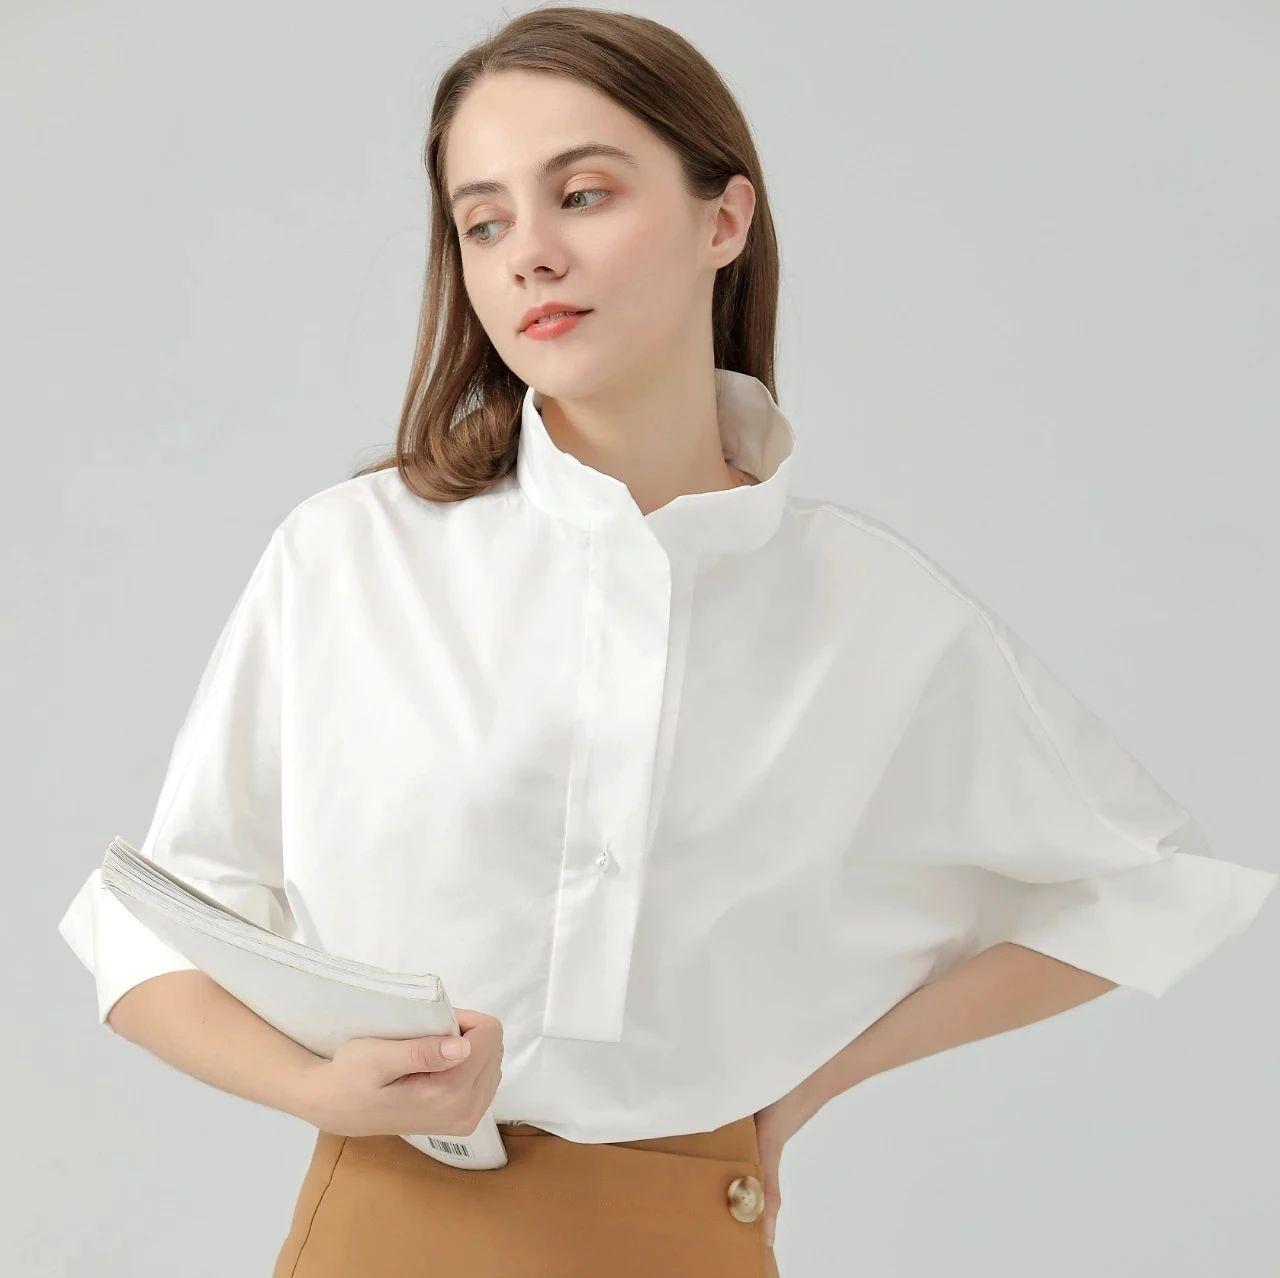 干净利落的白衬衫,不费力的高级感就靠TA!